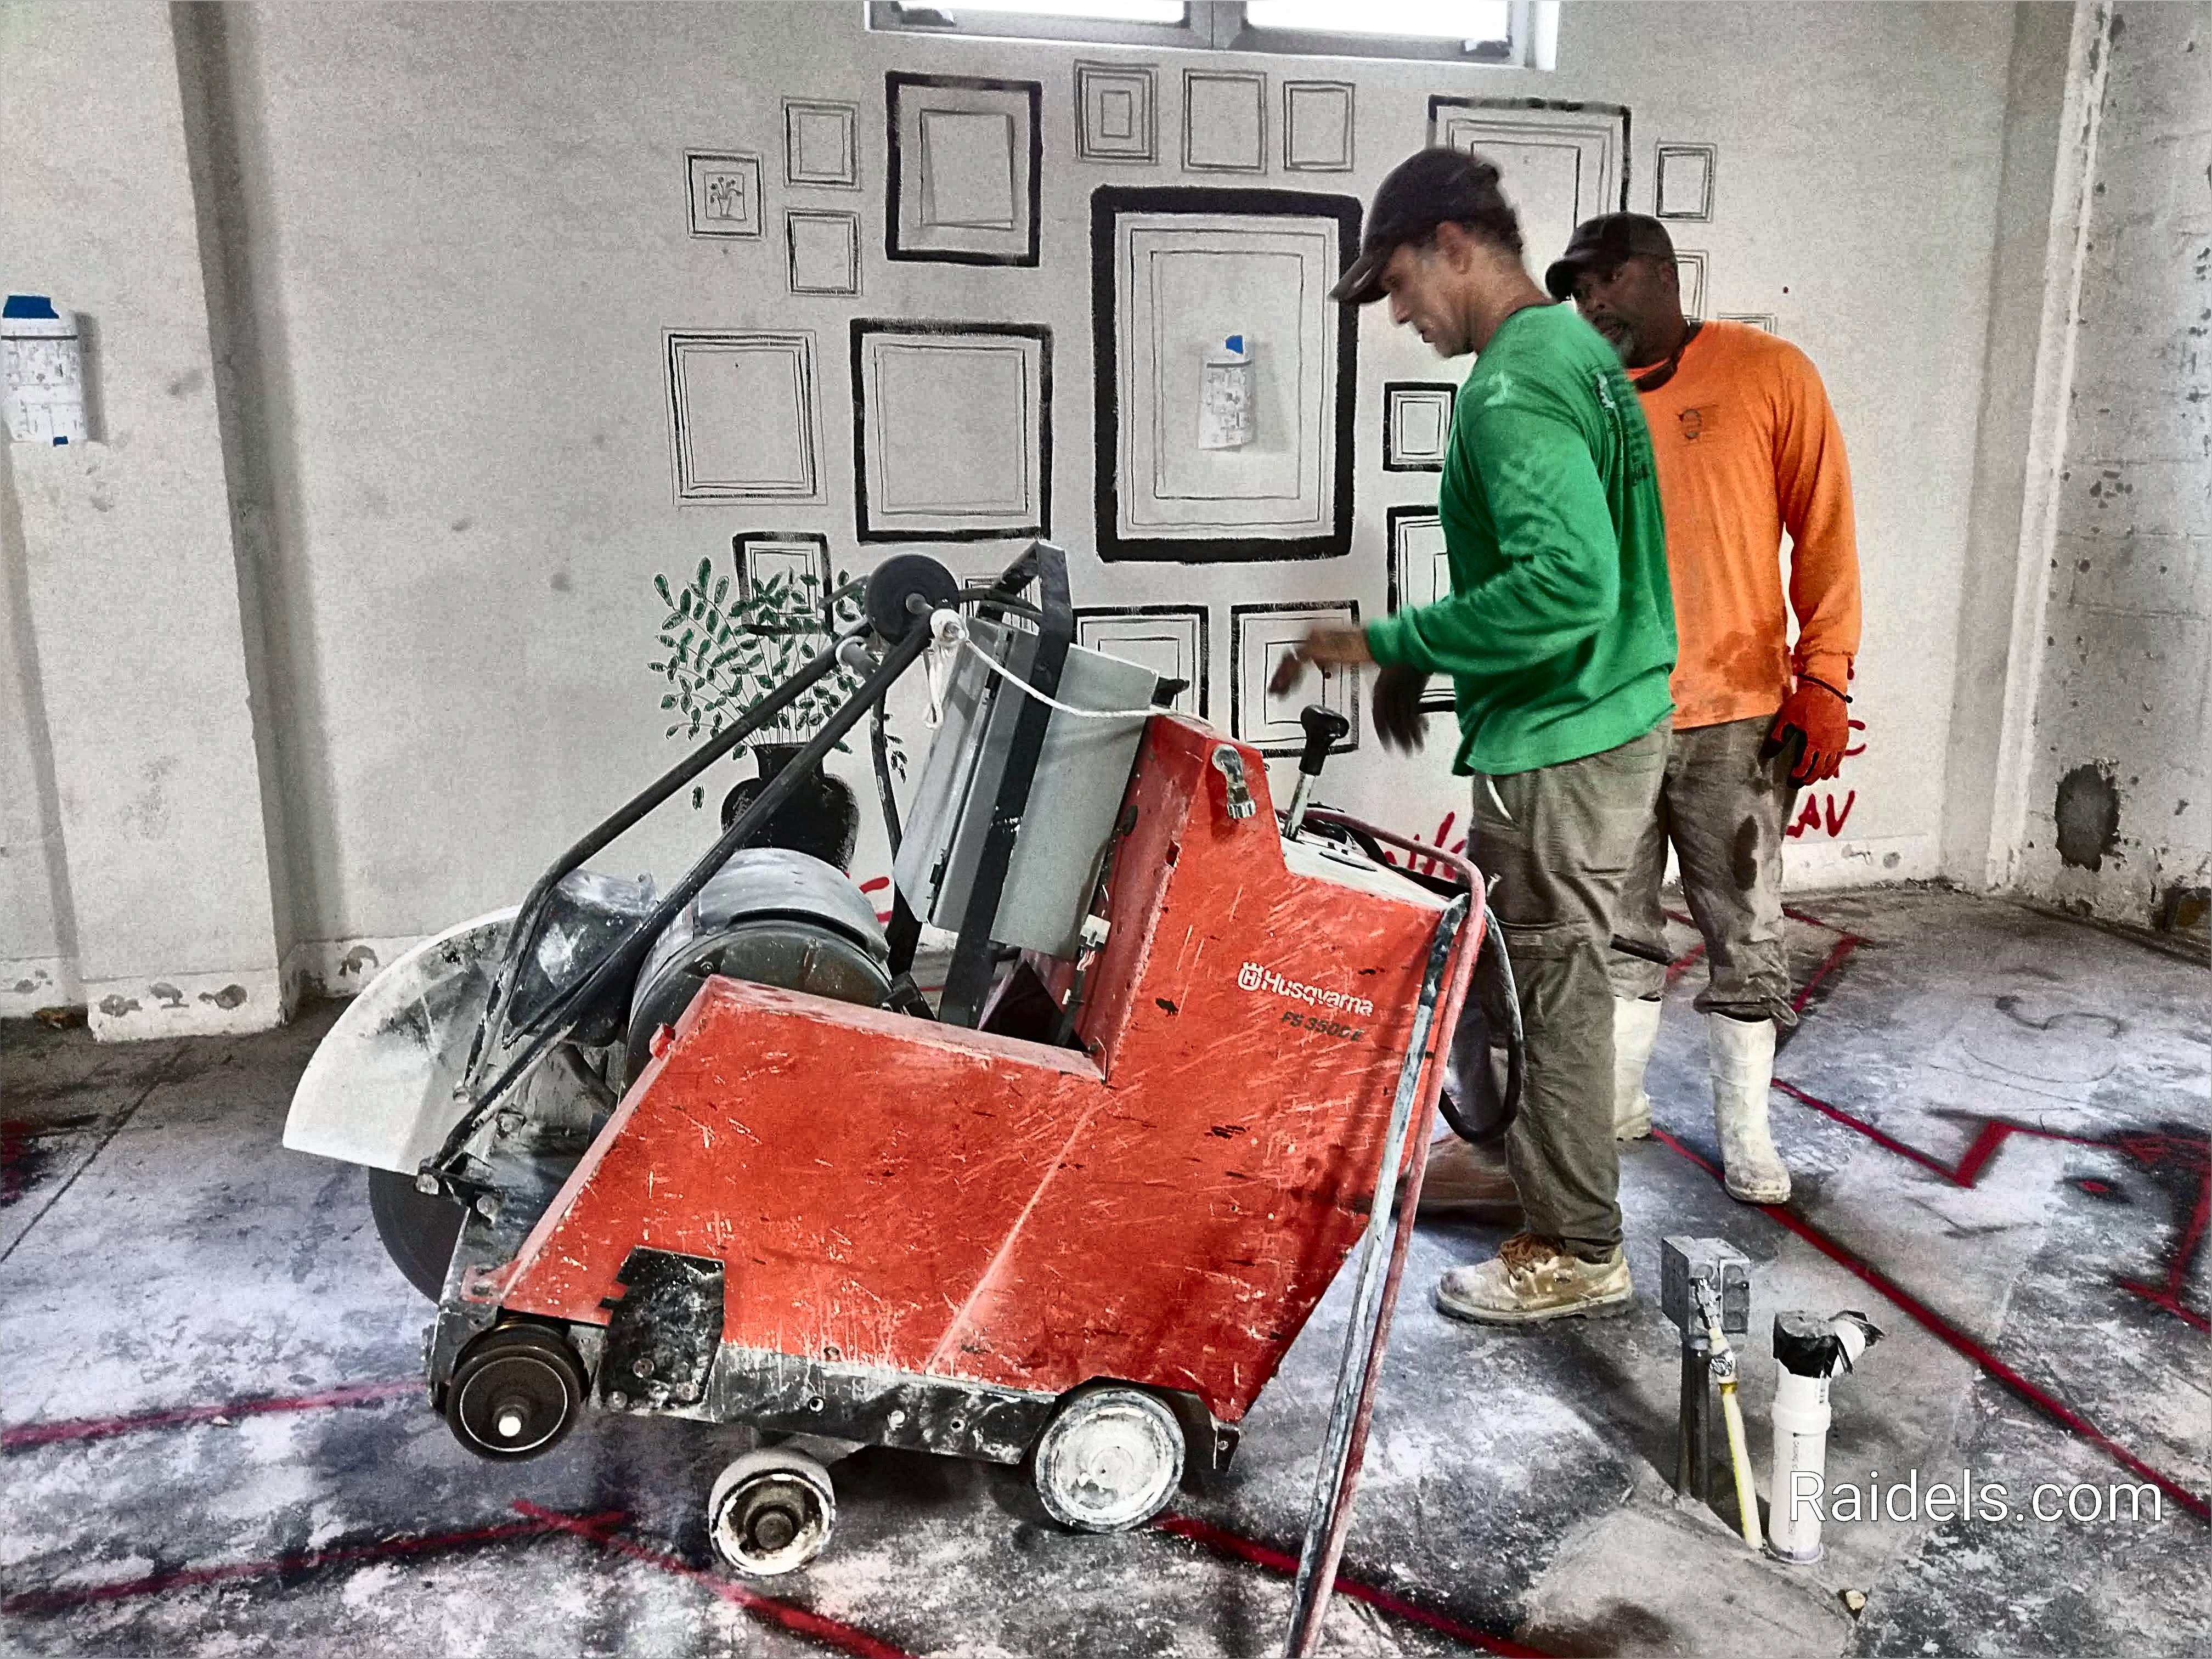 Cutting Indoors